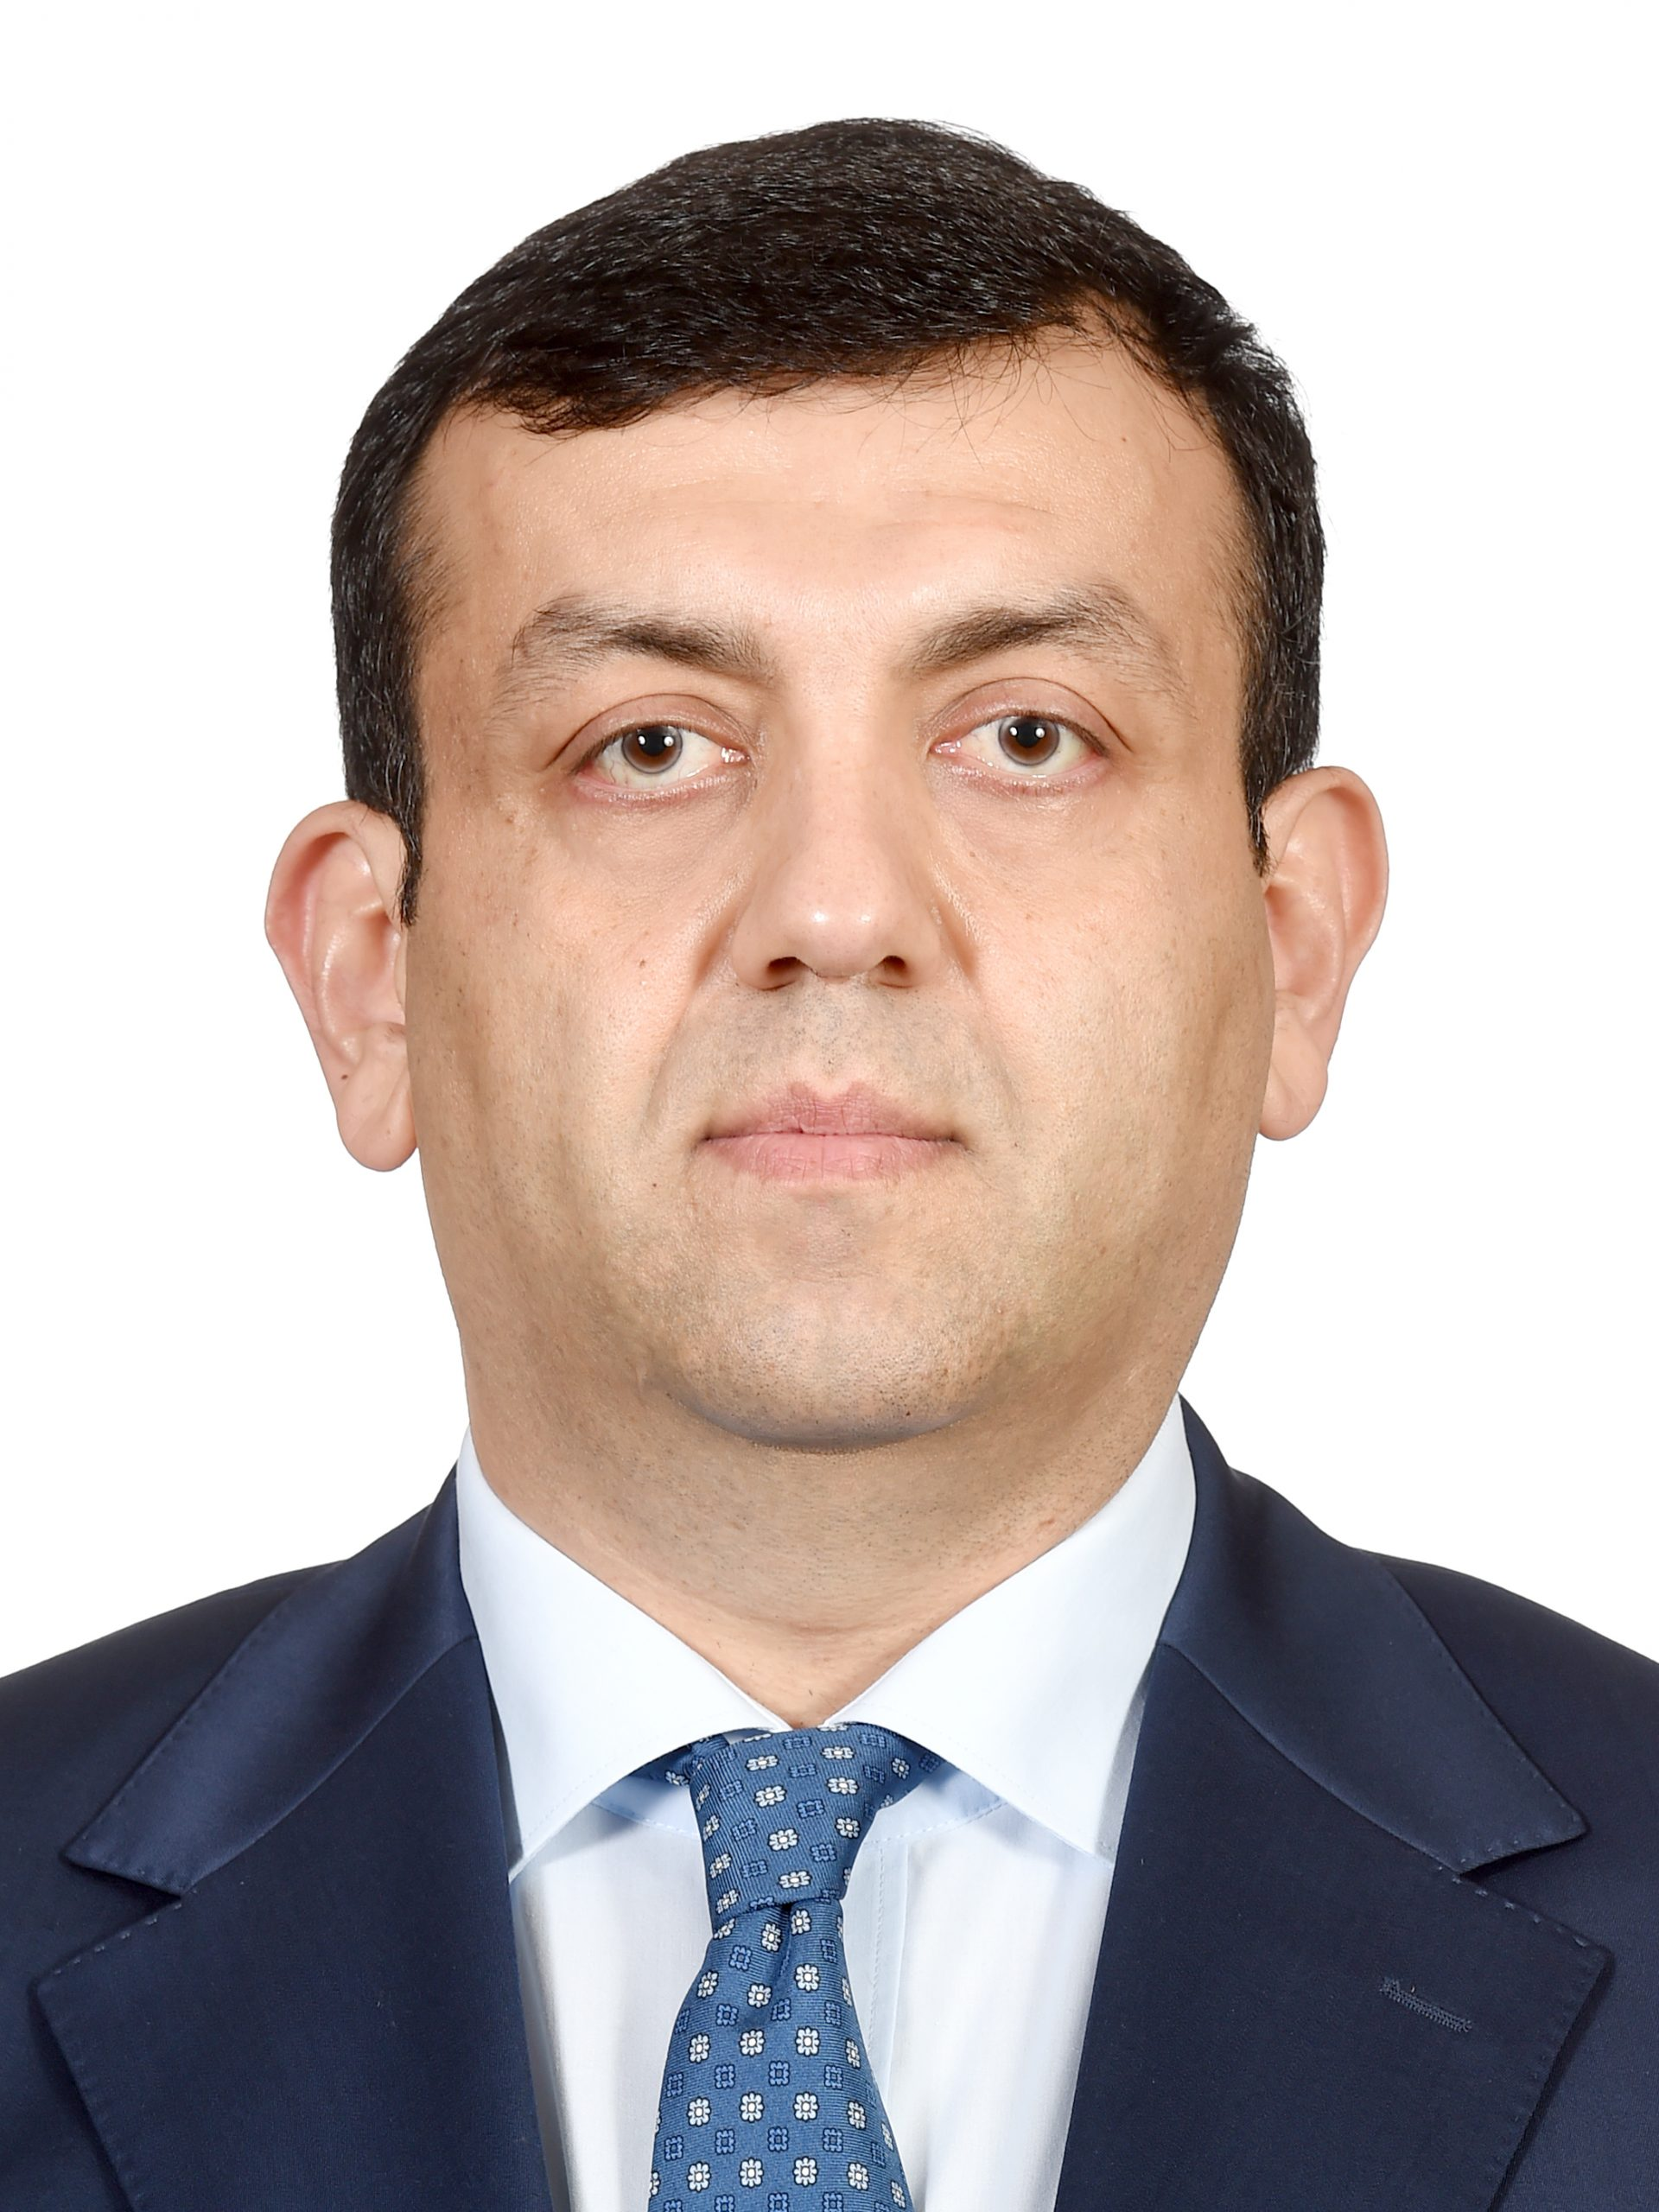 Kenan Najafov